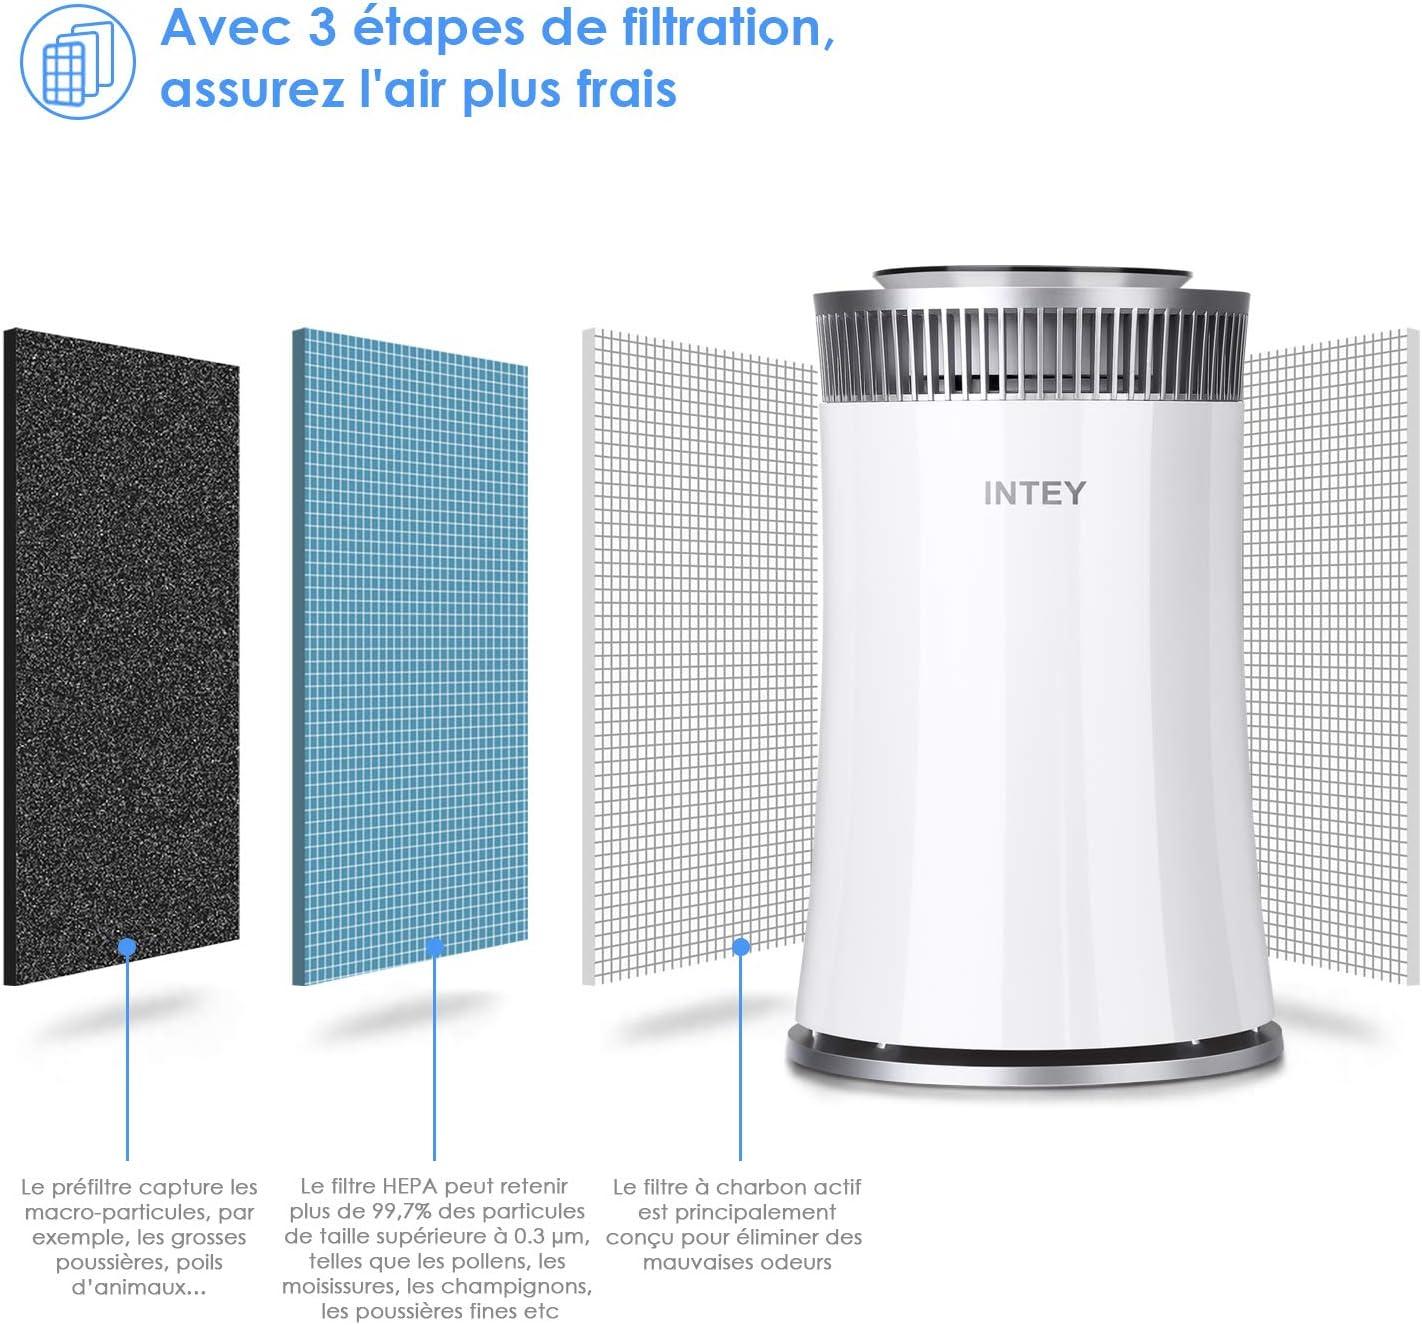 INTEY Purificador de Aire con Filtro HEPA - Tríple Filtración, Carbón Activo, 5 Velocidades, Temporizador Ajustable, Elimina el 99.7% del Formaldehido, Microbio, Alérgeno: Amazon.es: Hogar